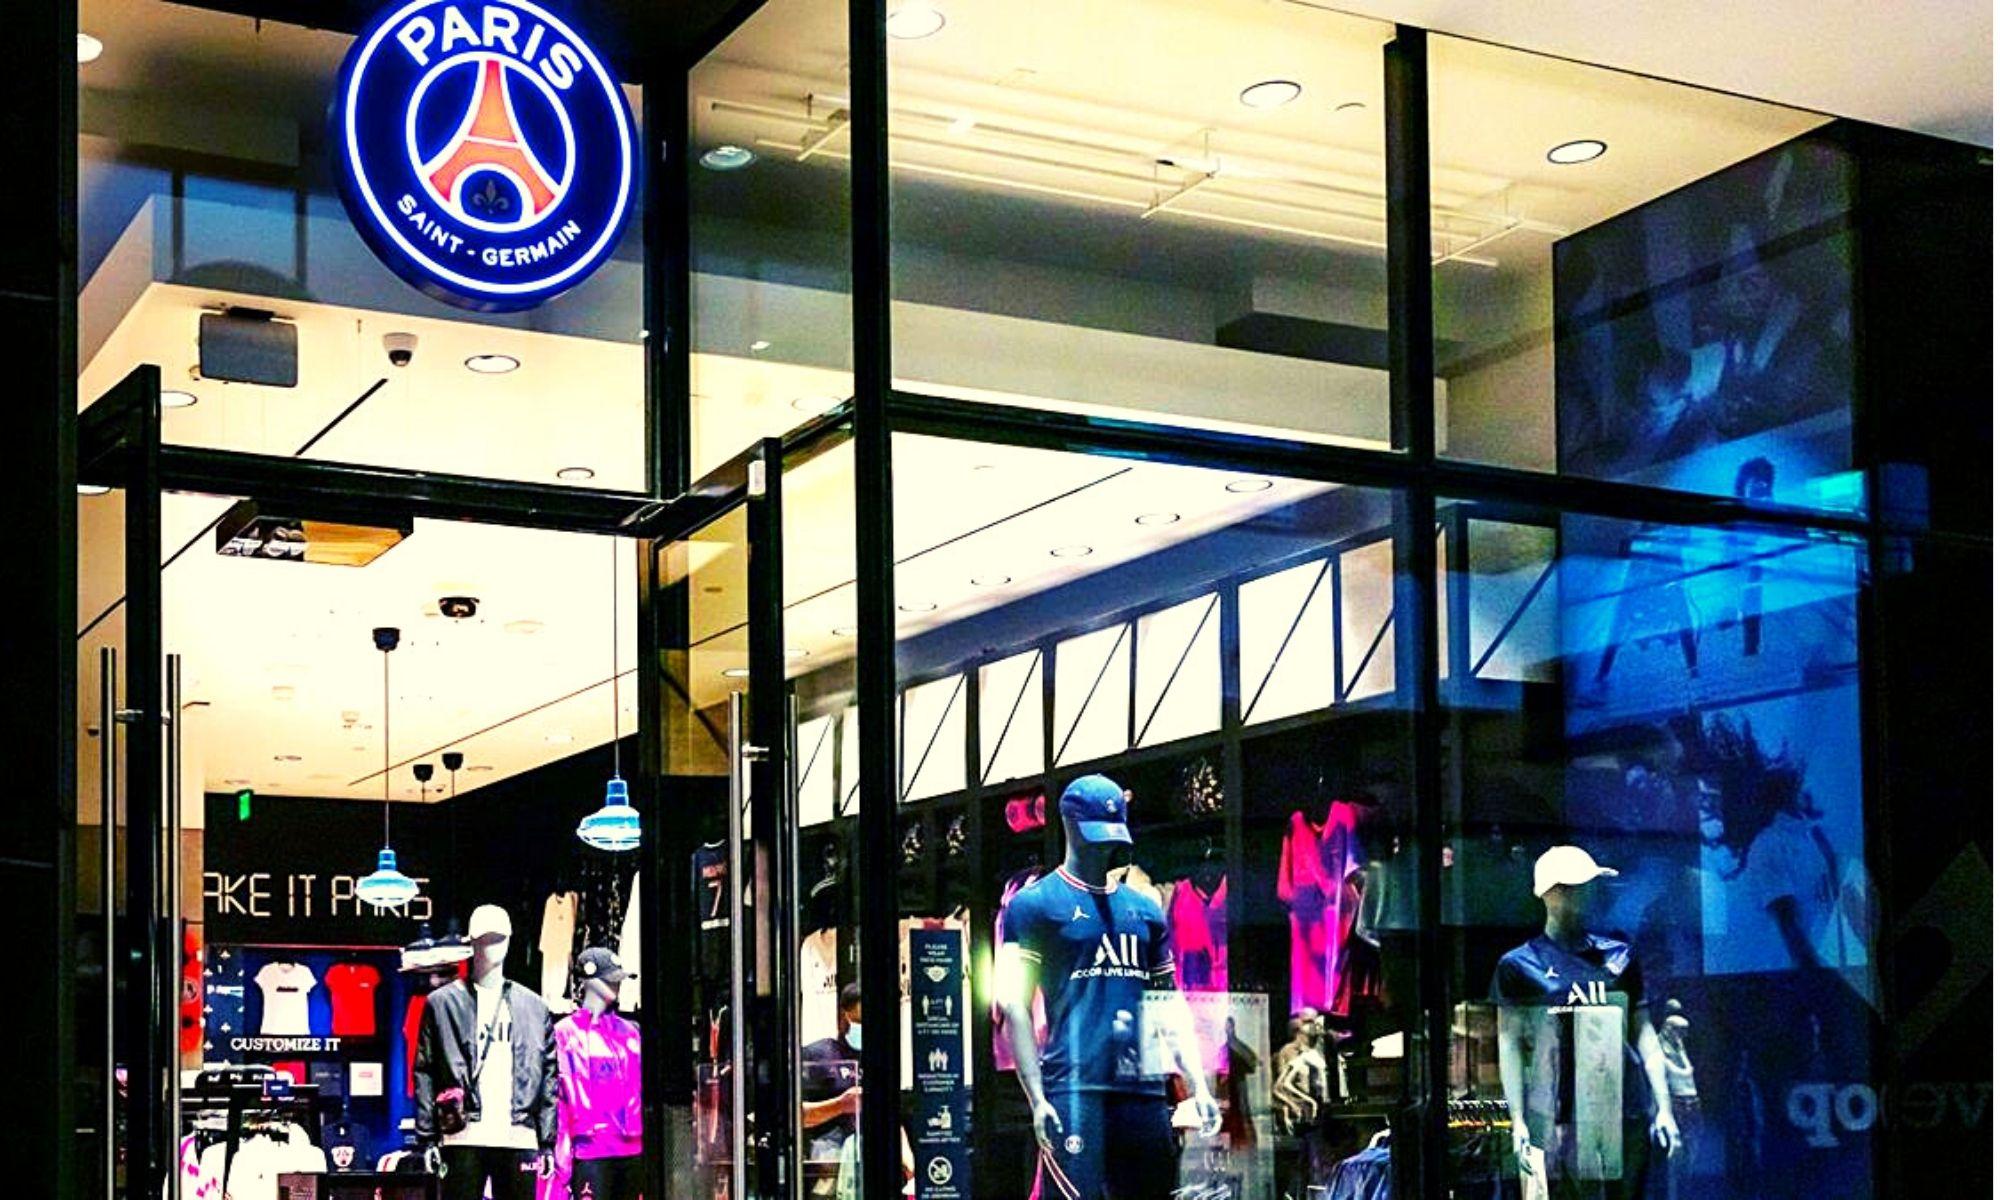 Une boutique permanente du Paris Saint-Germain à Los Angeles